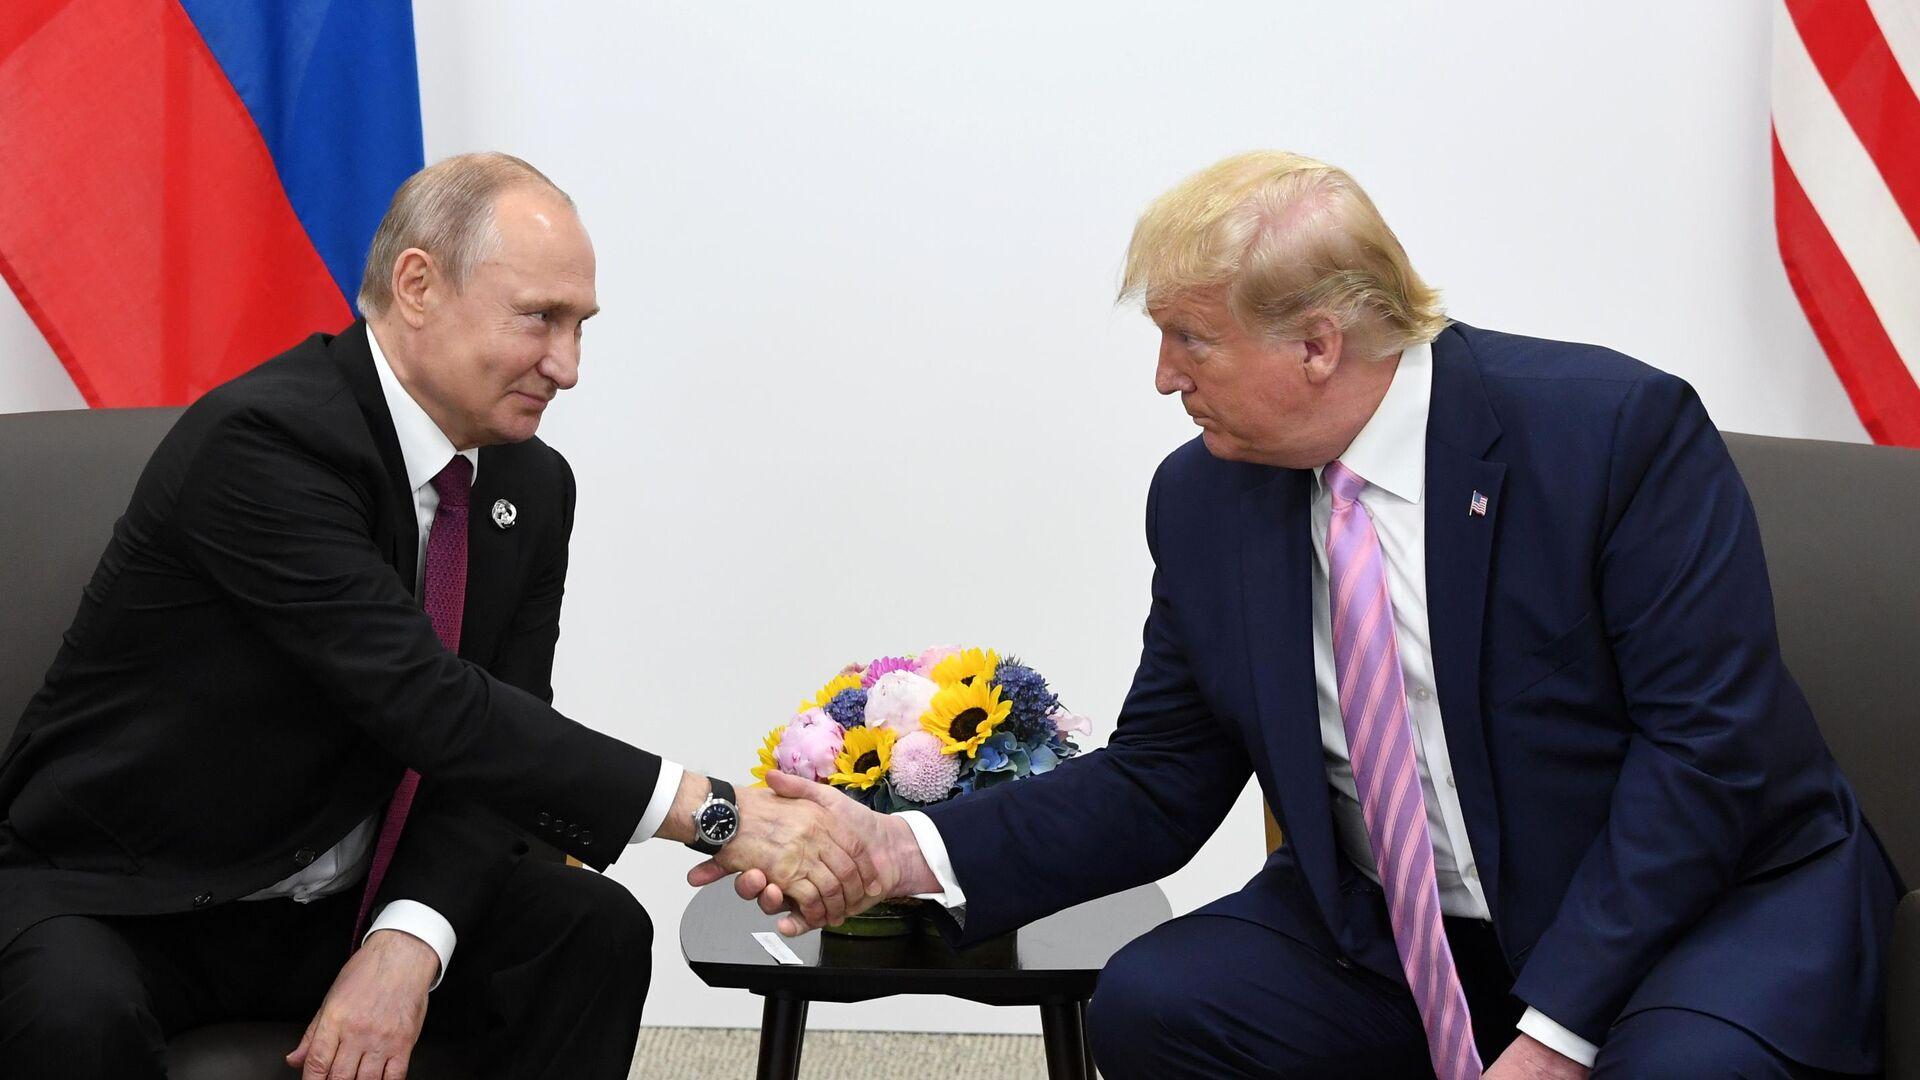 Президент РФ Владимир Путин и президент США Дональд Трамп на полях саммита Группы двадцати в Осаке. 28 июня 2019 - РИА Новости, 1920, 08.09.2020